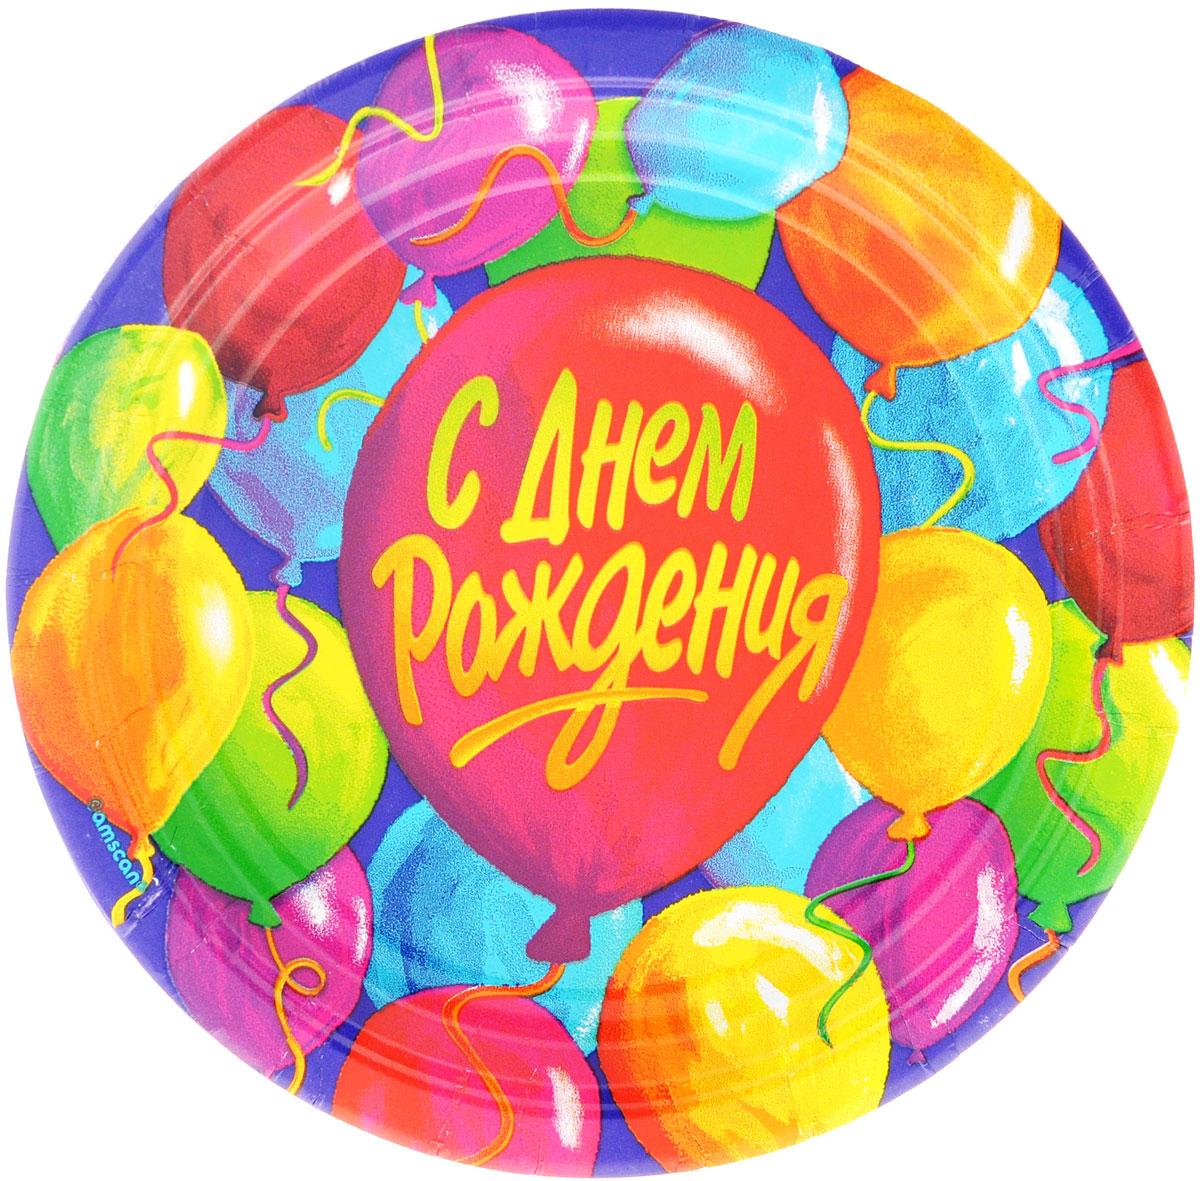 Прикольные картинки на день рождения шарики, надписью